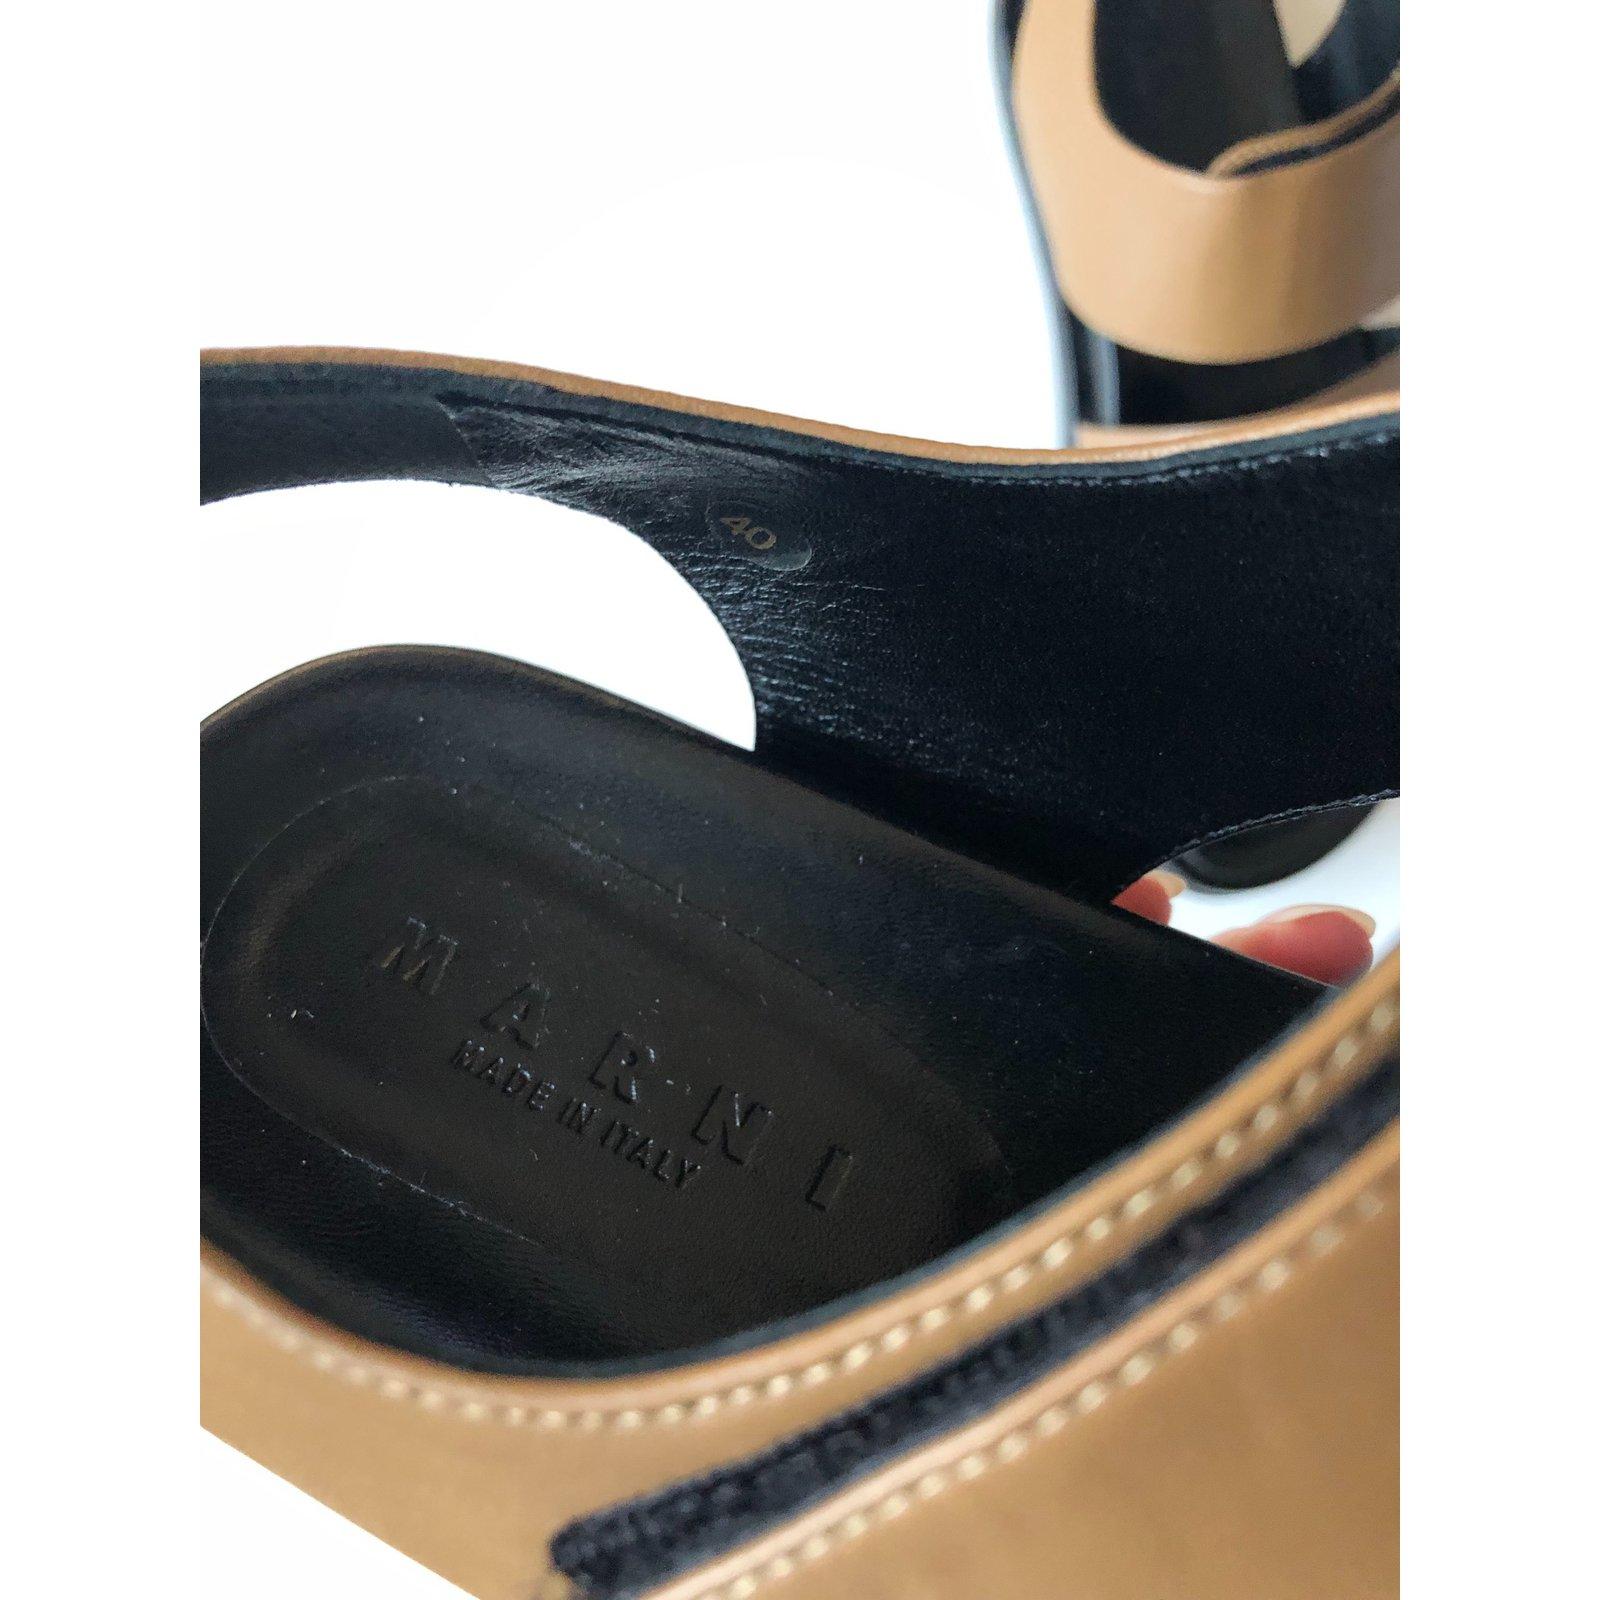 Italie En Sandale Cuir Made Marron In jq4c3AL5R